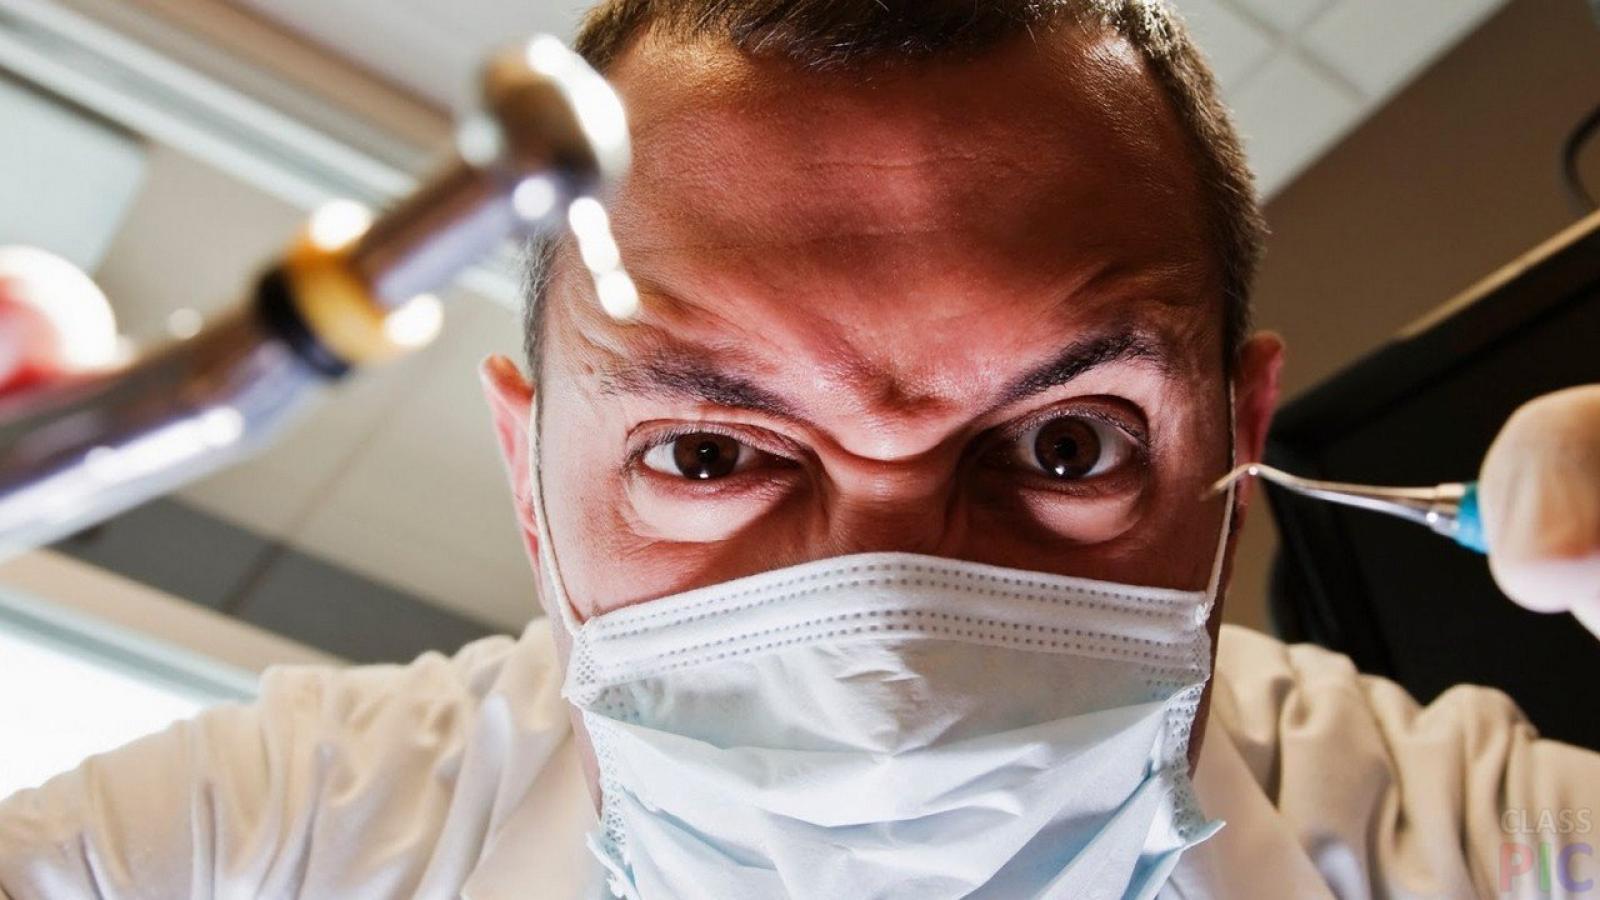 В Сямже поймали лже-стоматолога с фальшивым дипломом